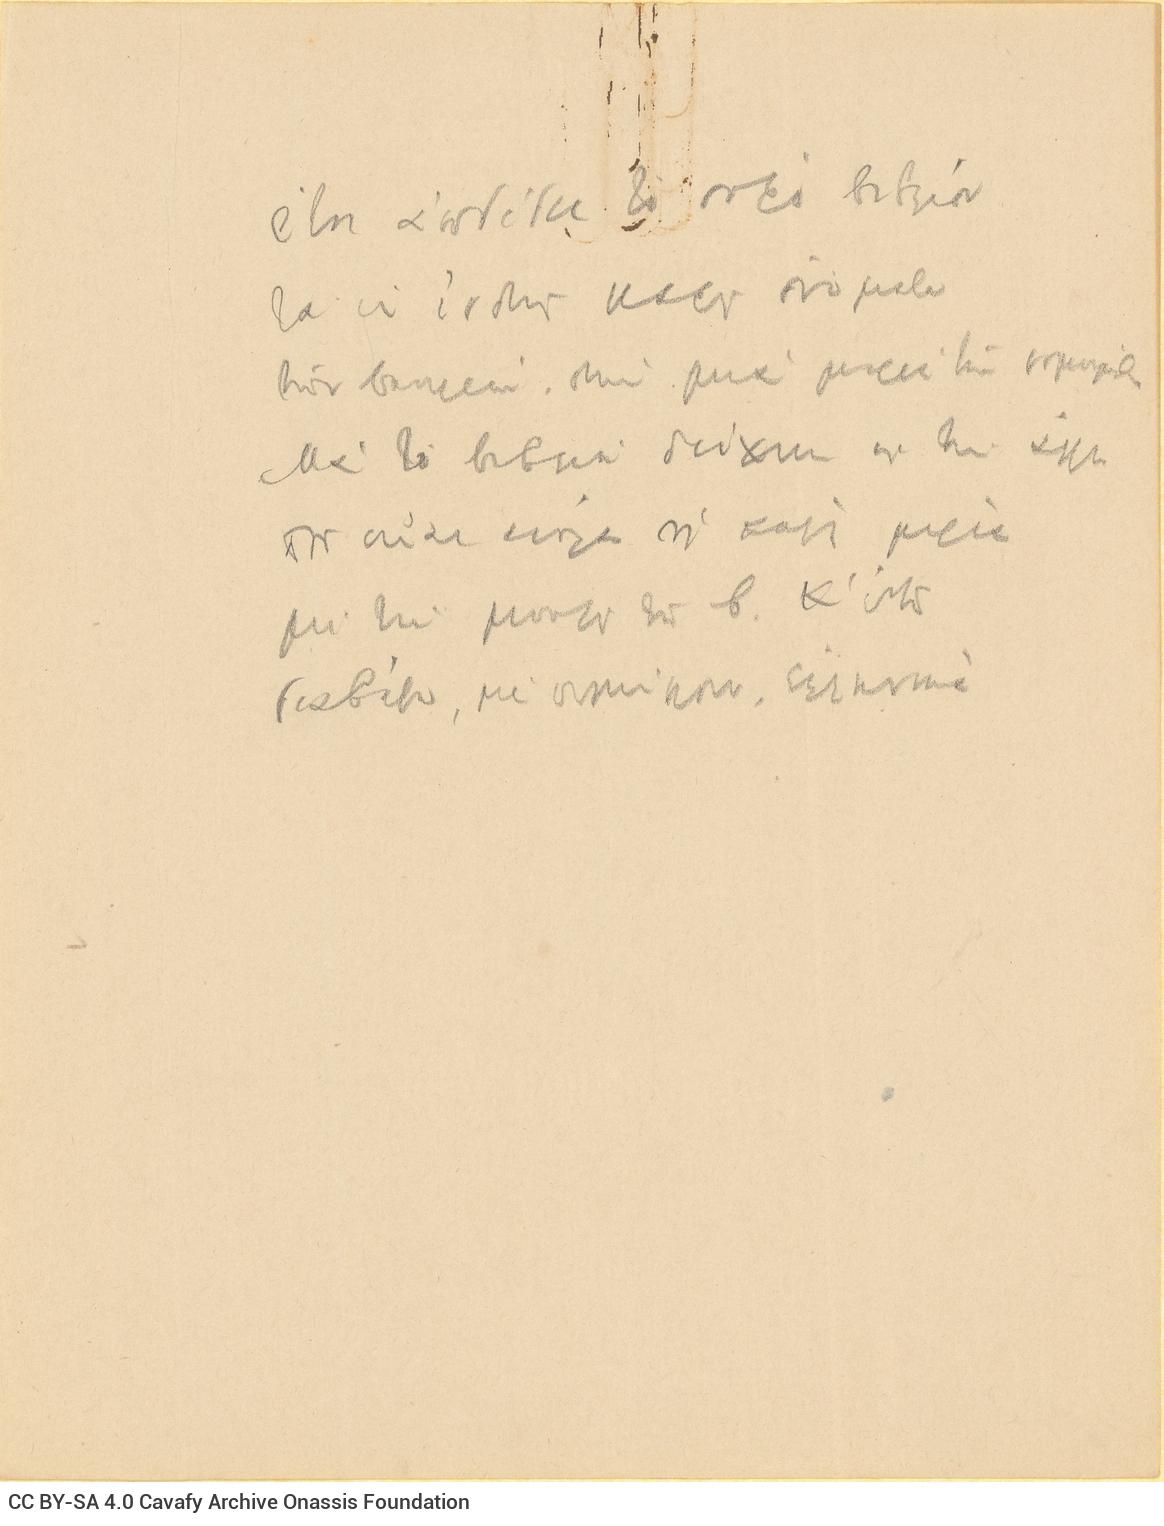 Χειρόγραφο ποιήματος και σημειώσεις. Στην πρώτη σελίδα τετρασέλιδο�